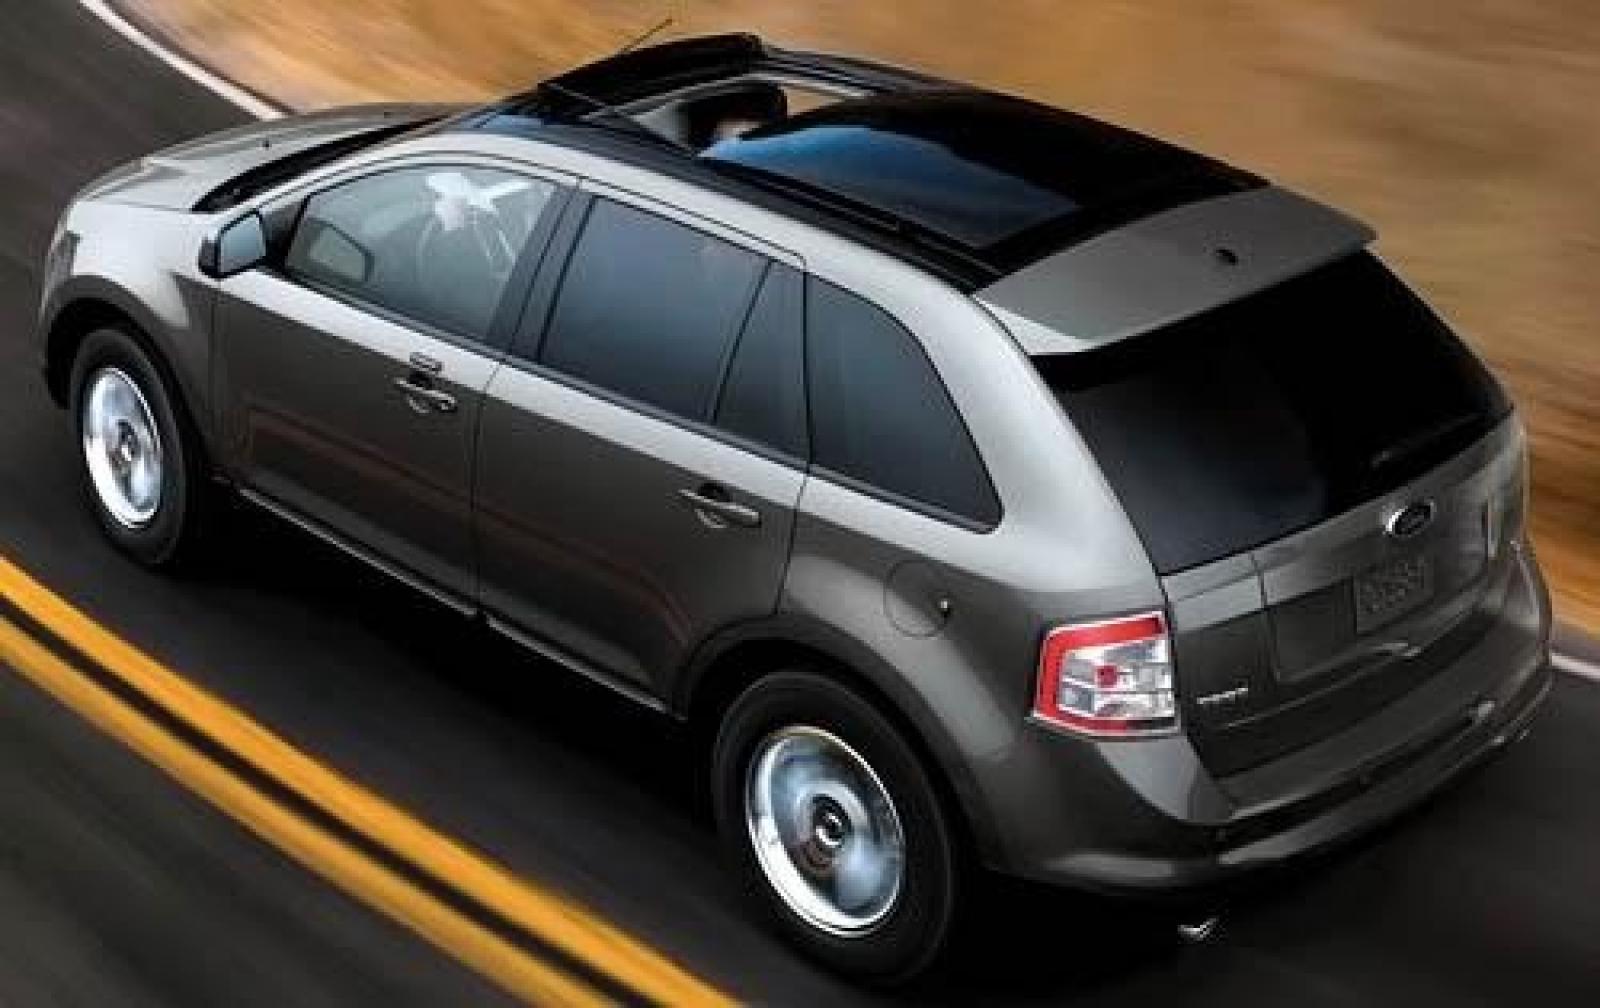 800 1024 1280 1600 origin 2010 ford edge